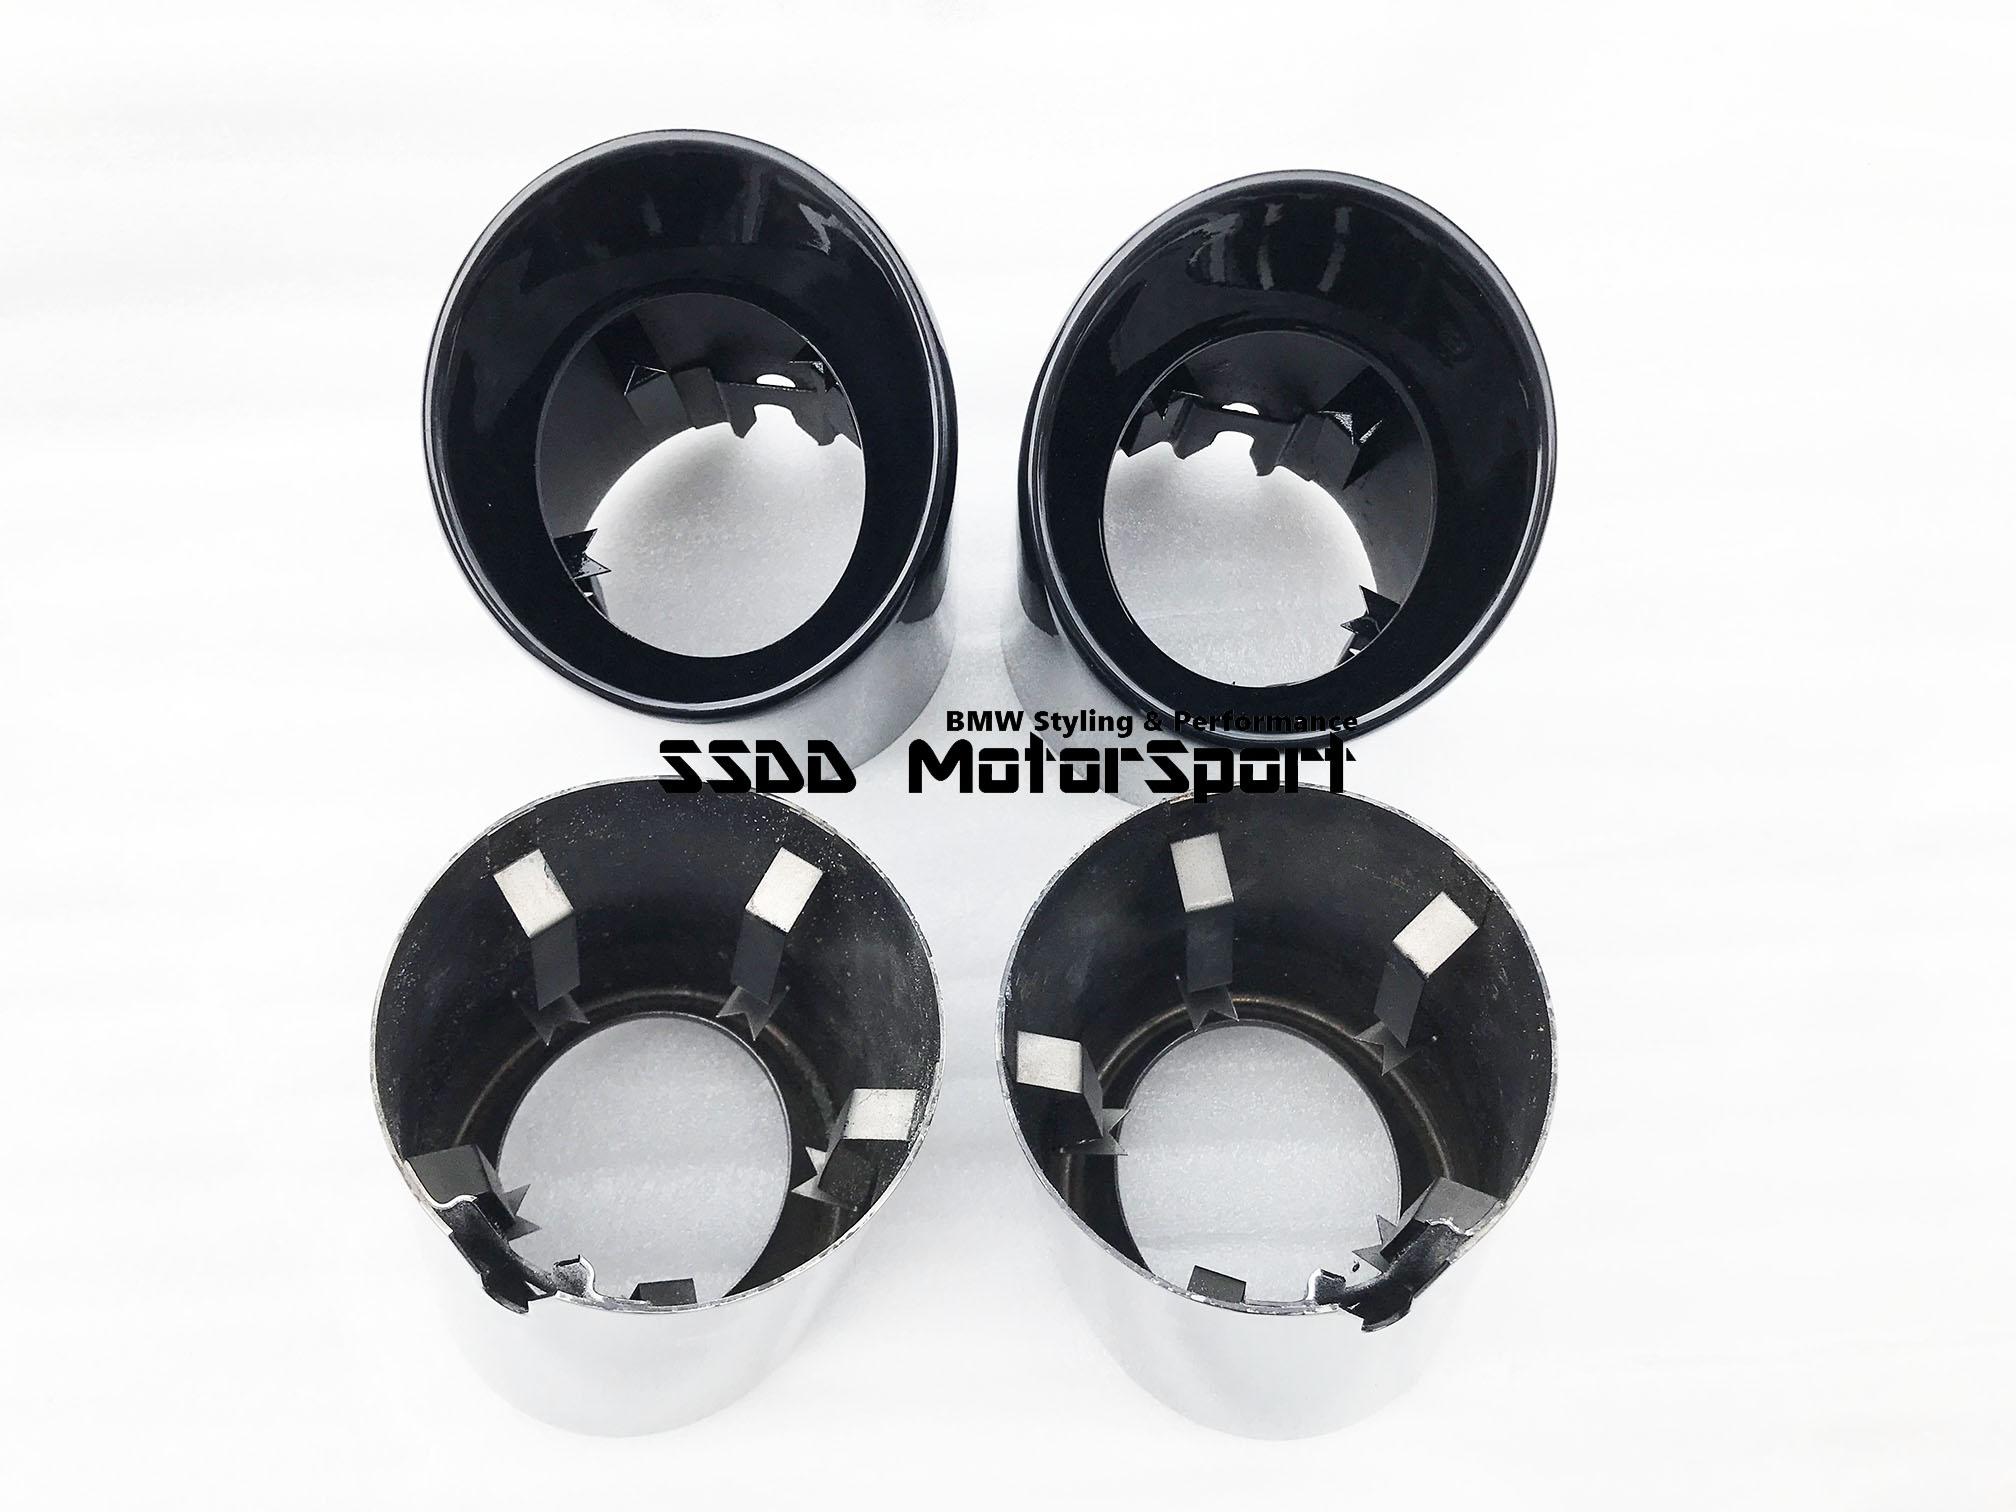 bms-bmw-s55-fm-3.75-set-of-4-gloss-black-slip-on-exhaust-tips-m3-m4-3.jpg